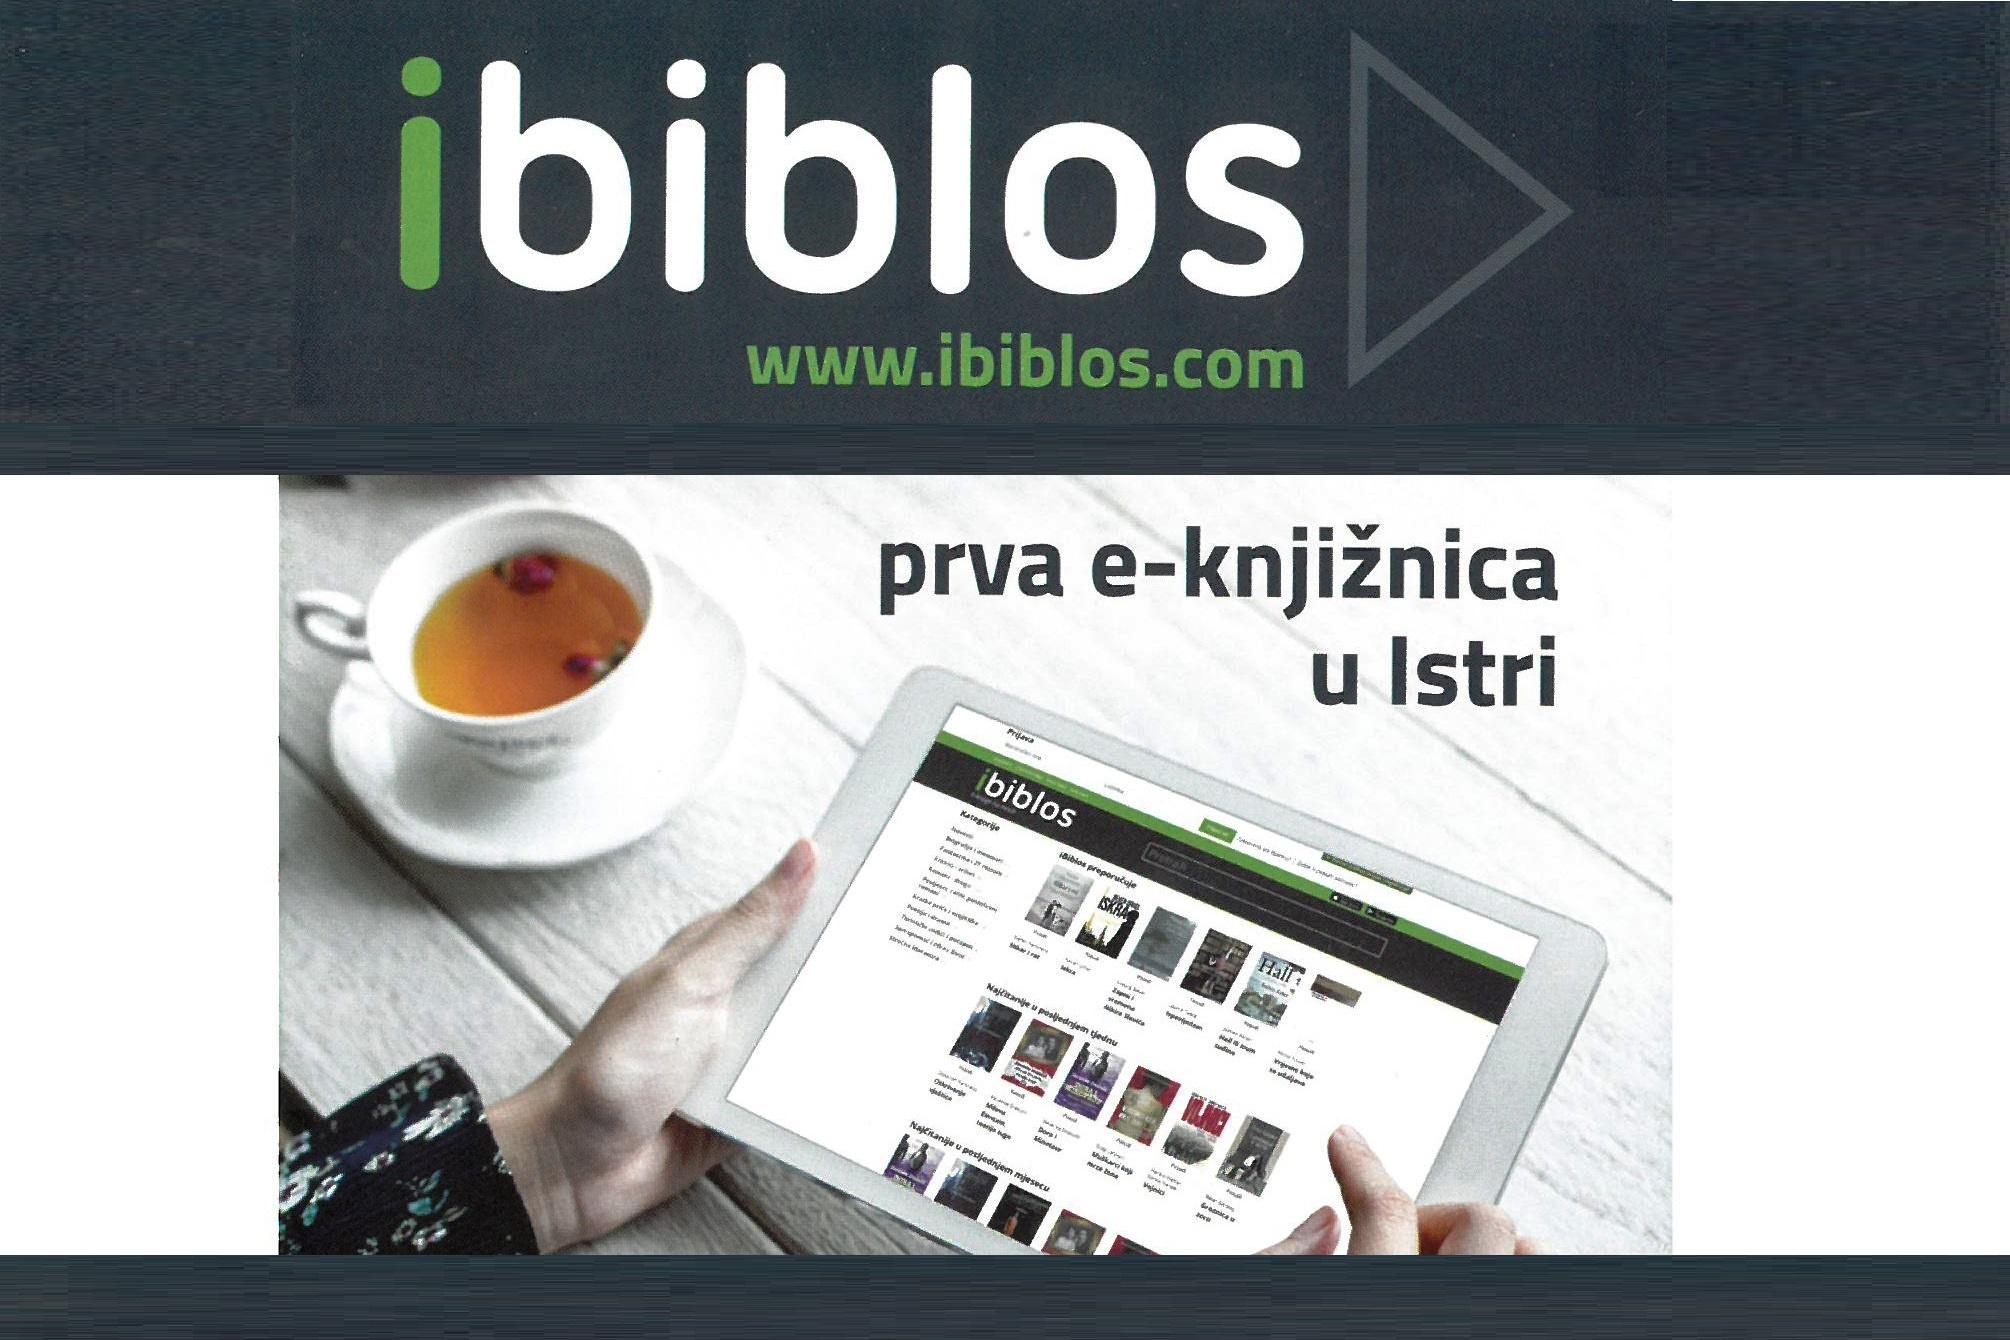 http://www.novigrad.hr/pristup_e_knjigama_omoguen_svim_zainteresiranim_graanima